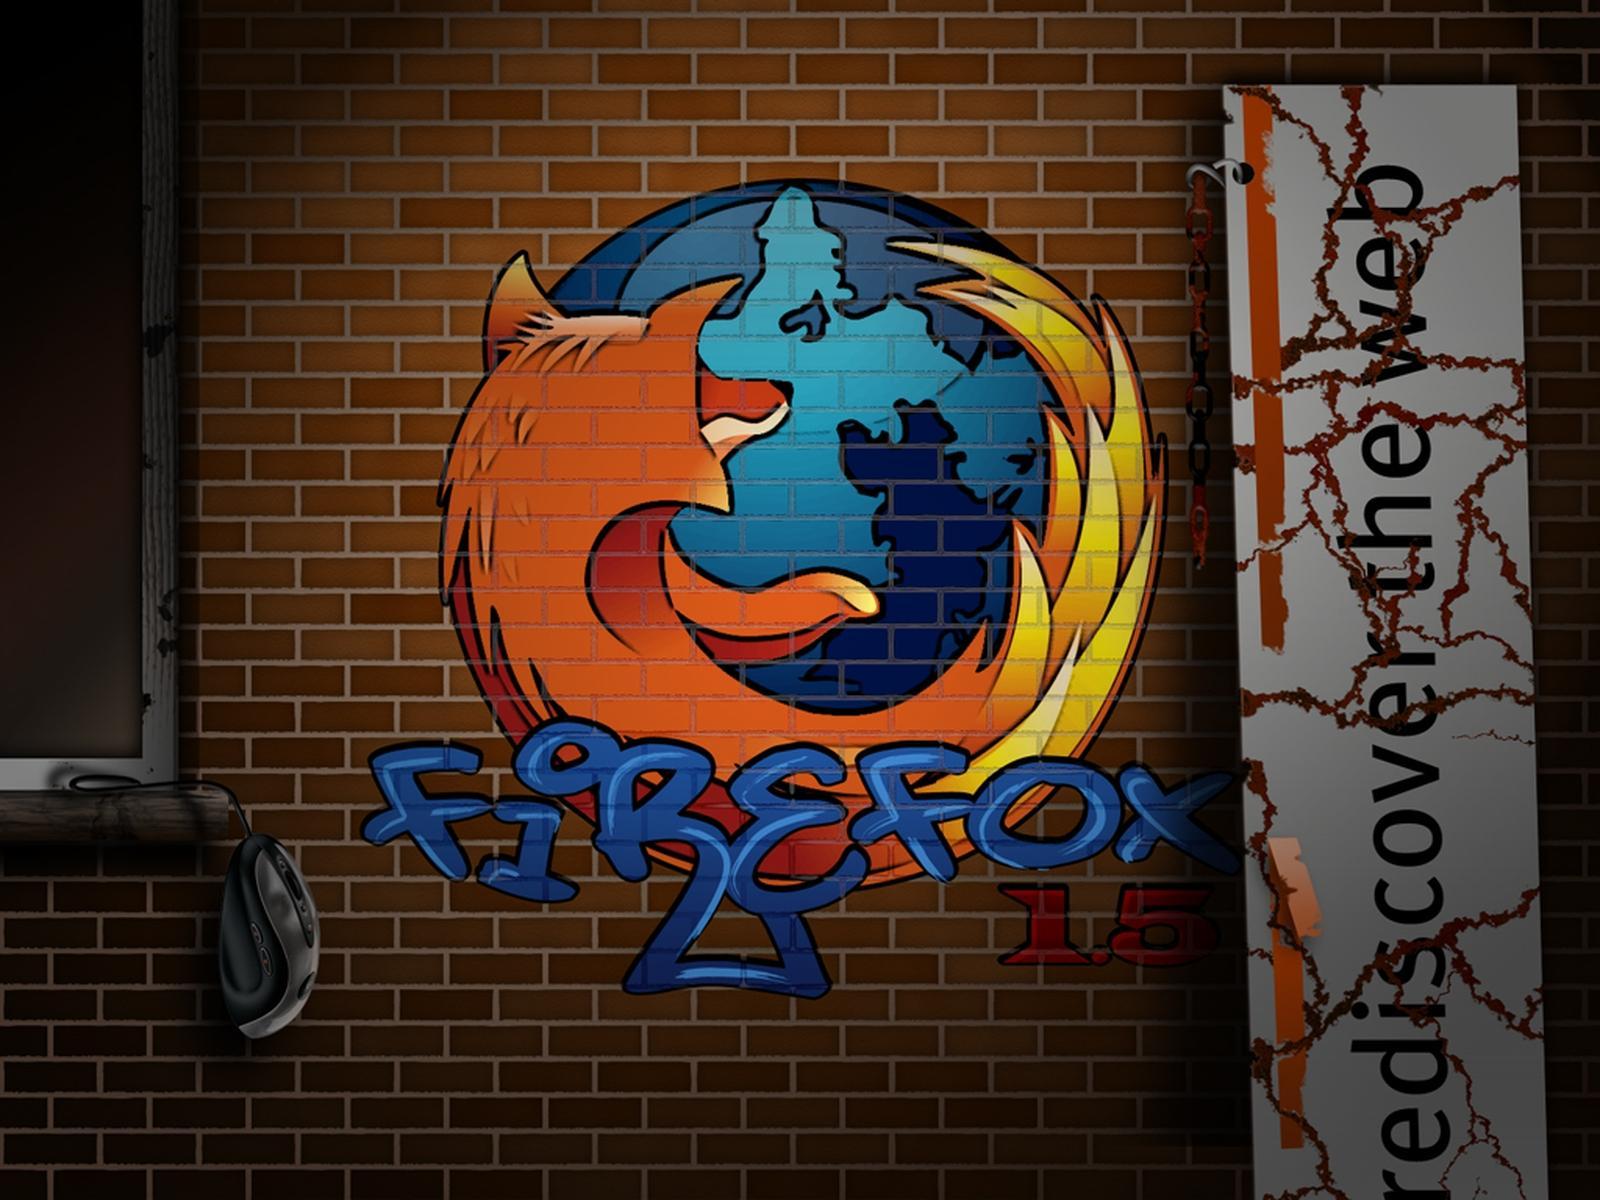 http://3.bp.blogspot.com/-eeEyputEjAw/TqhbFx9ZAbI/AAAAAAAAFUQ/rLiSI_6kW0E/s1600/Firefox-graffiti.jpg